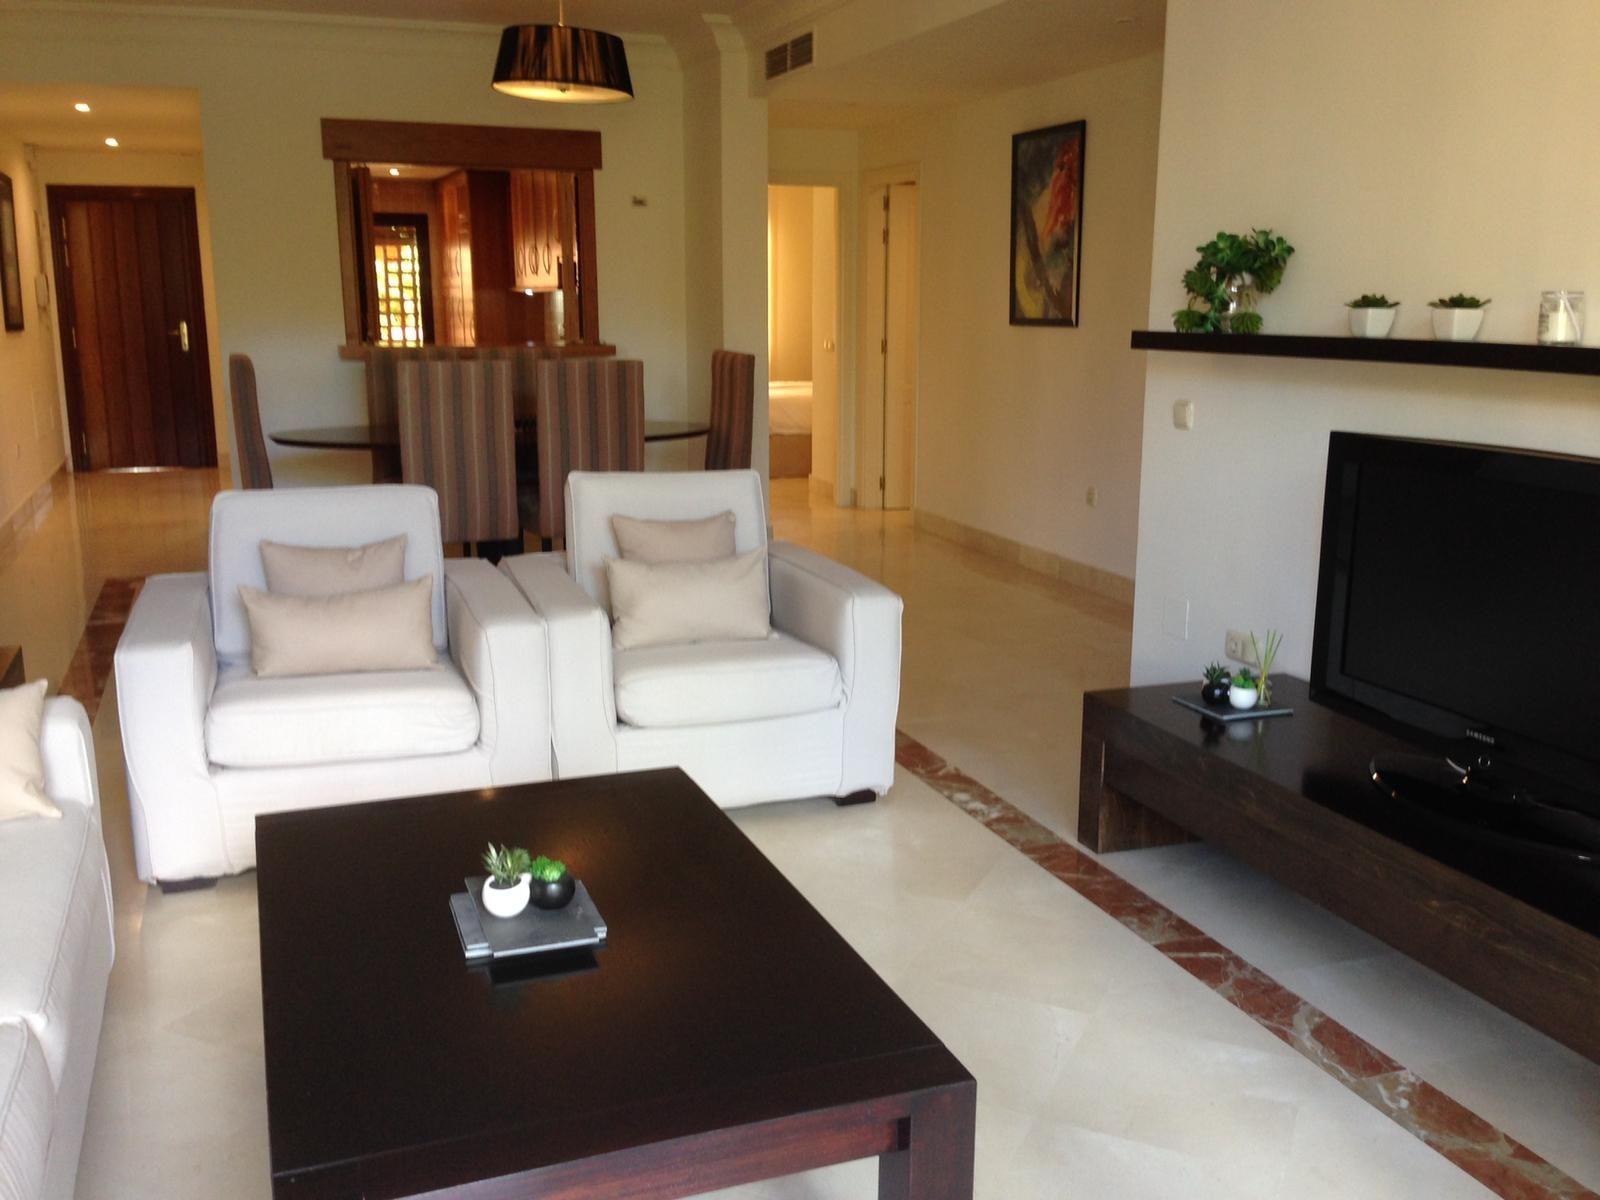 Продается квартира в НОВОЙ ЗОЛОТОЙ МИЛЕ, Марбелья, Малага